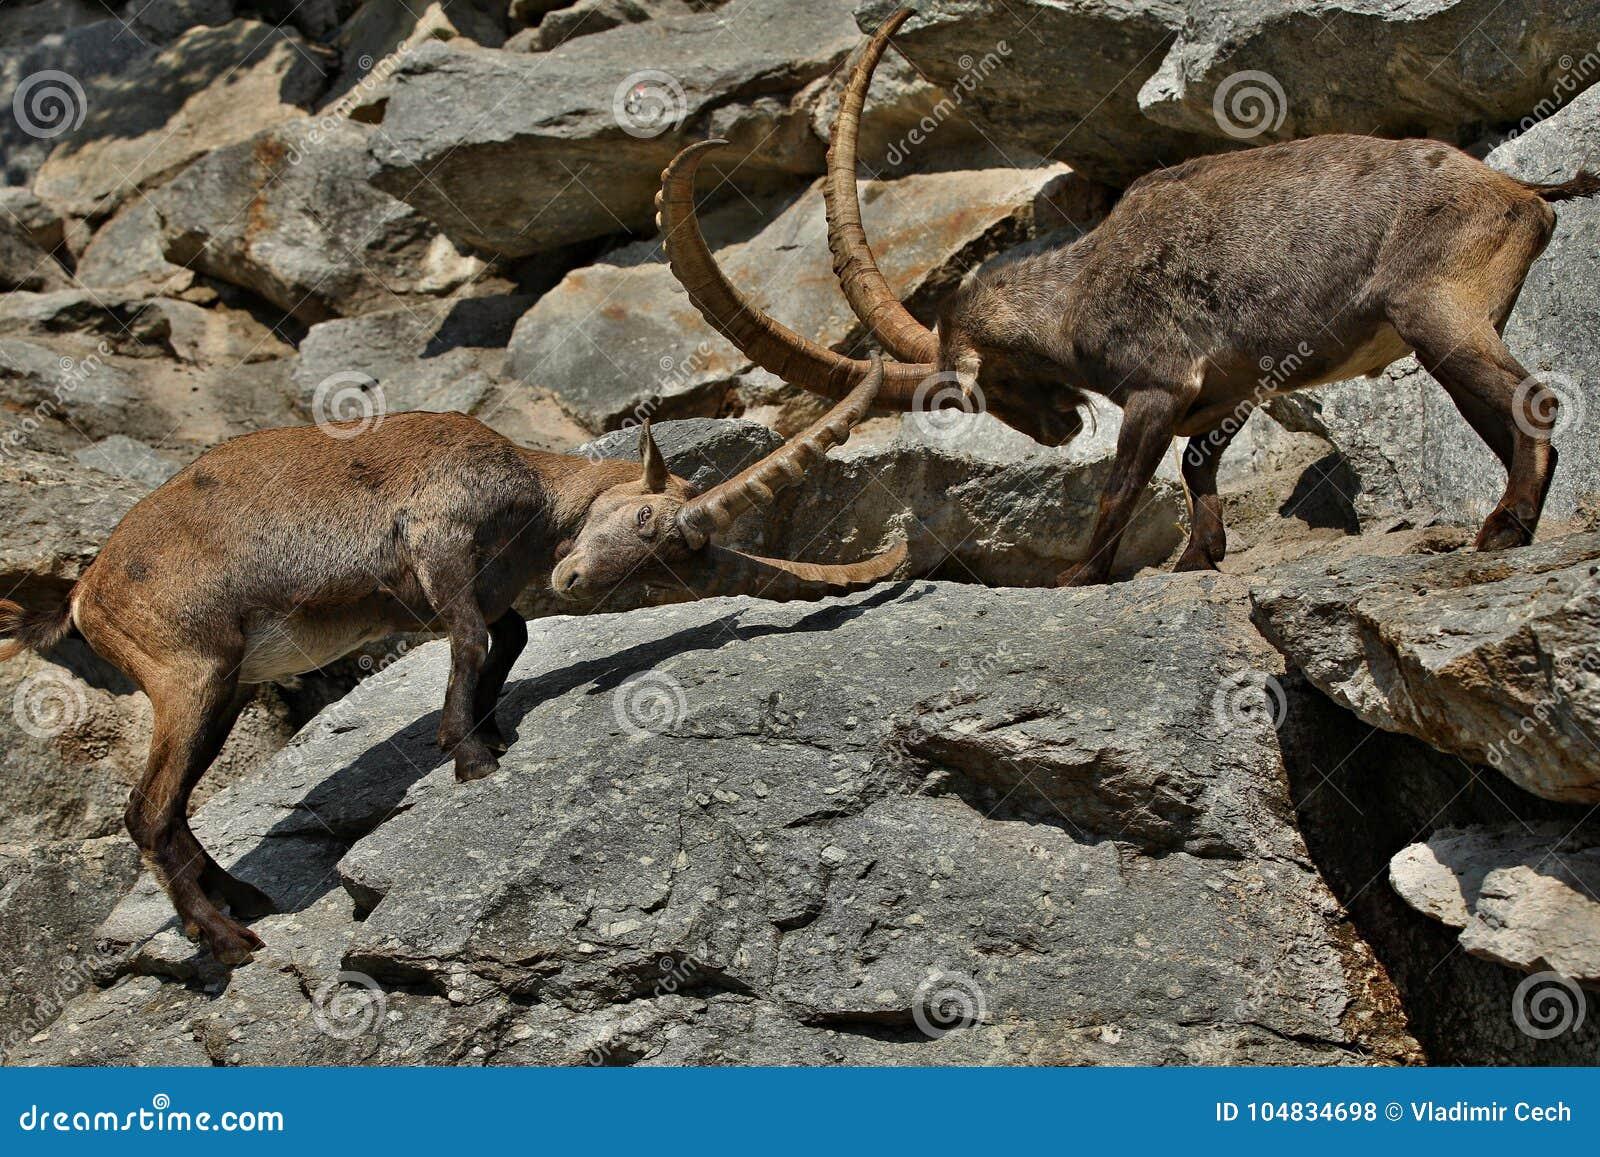 Πάλη αγριοκάτσικων στη δύσκολη περιοχή βουνών